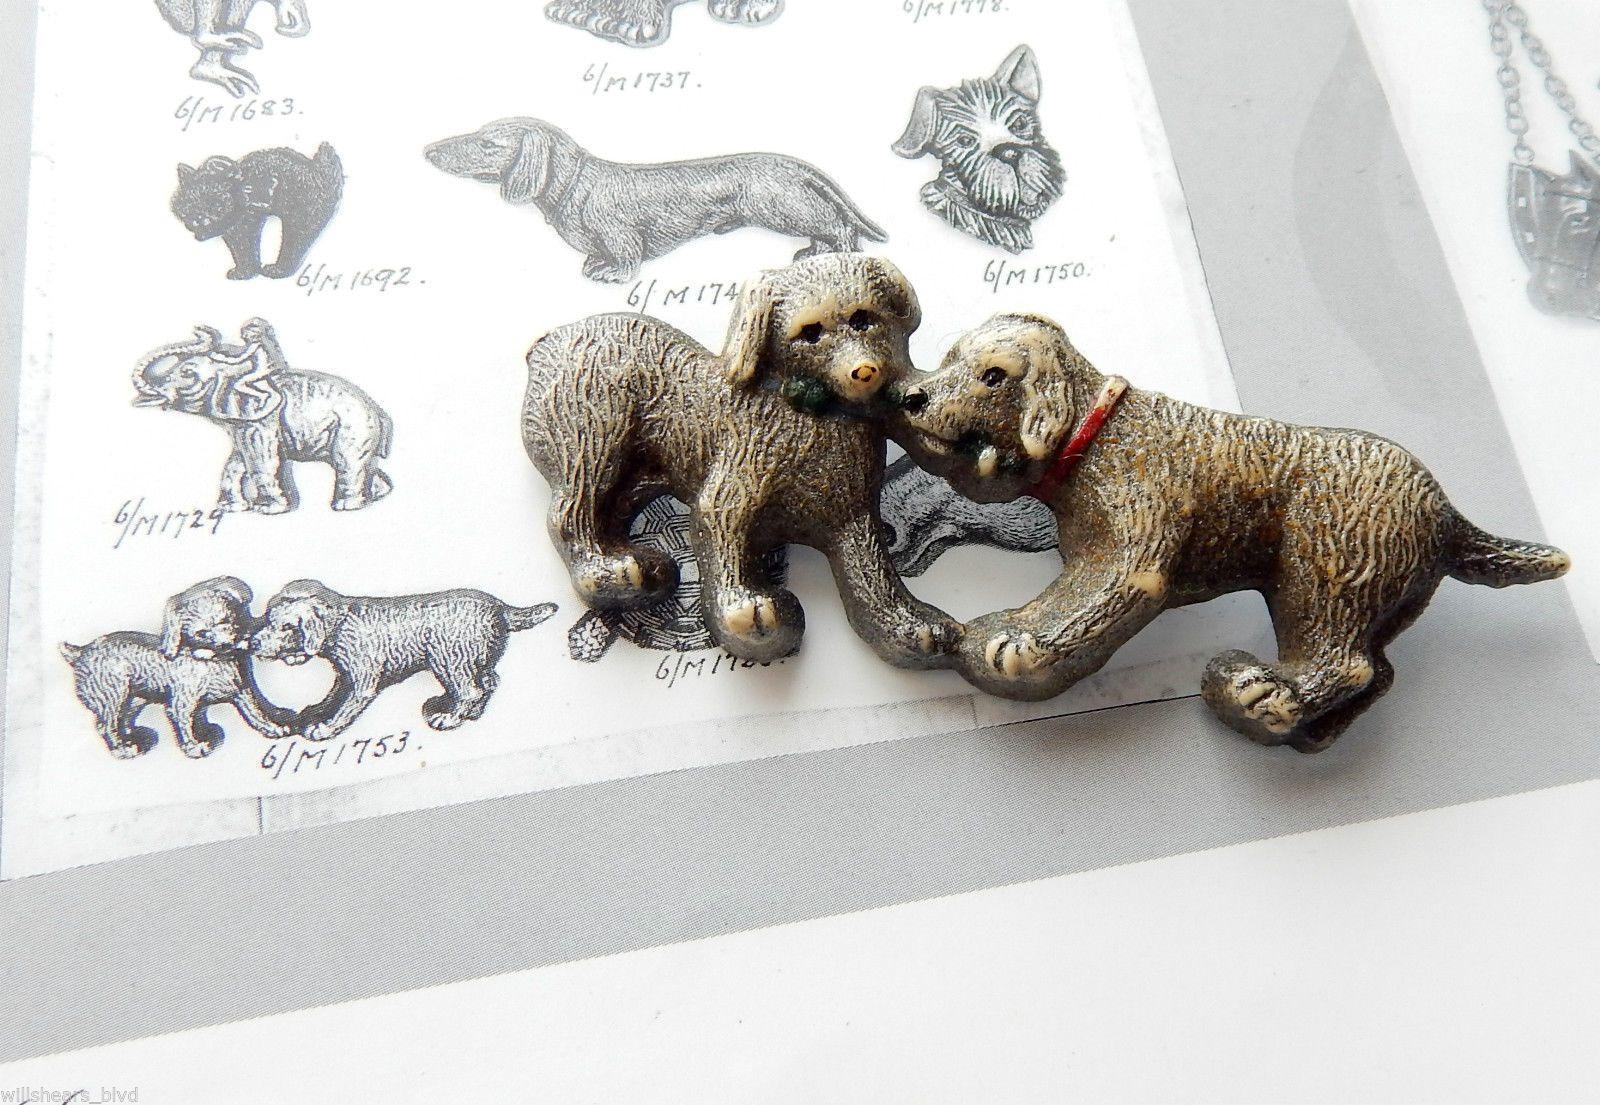 http://www.ebay.com.au/itm/281737956937?_trksid=p2055119.m1438.l2649